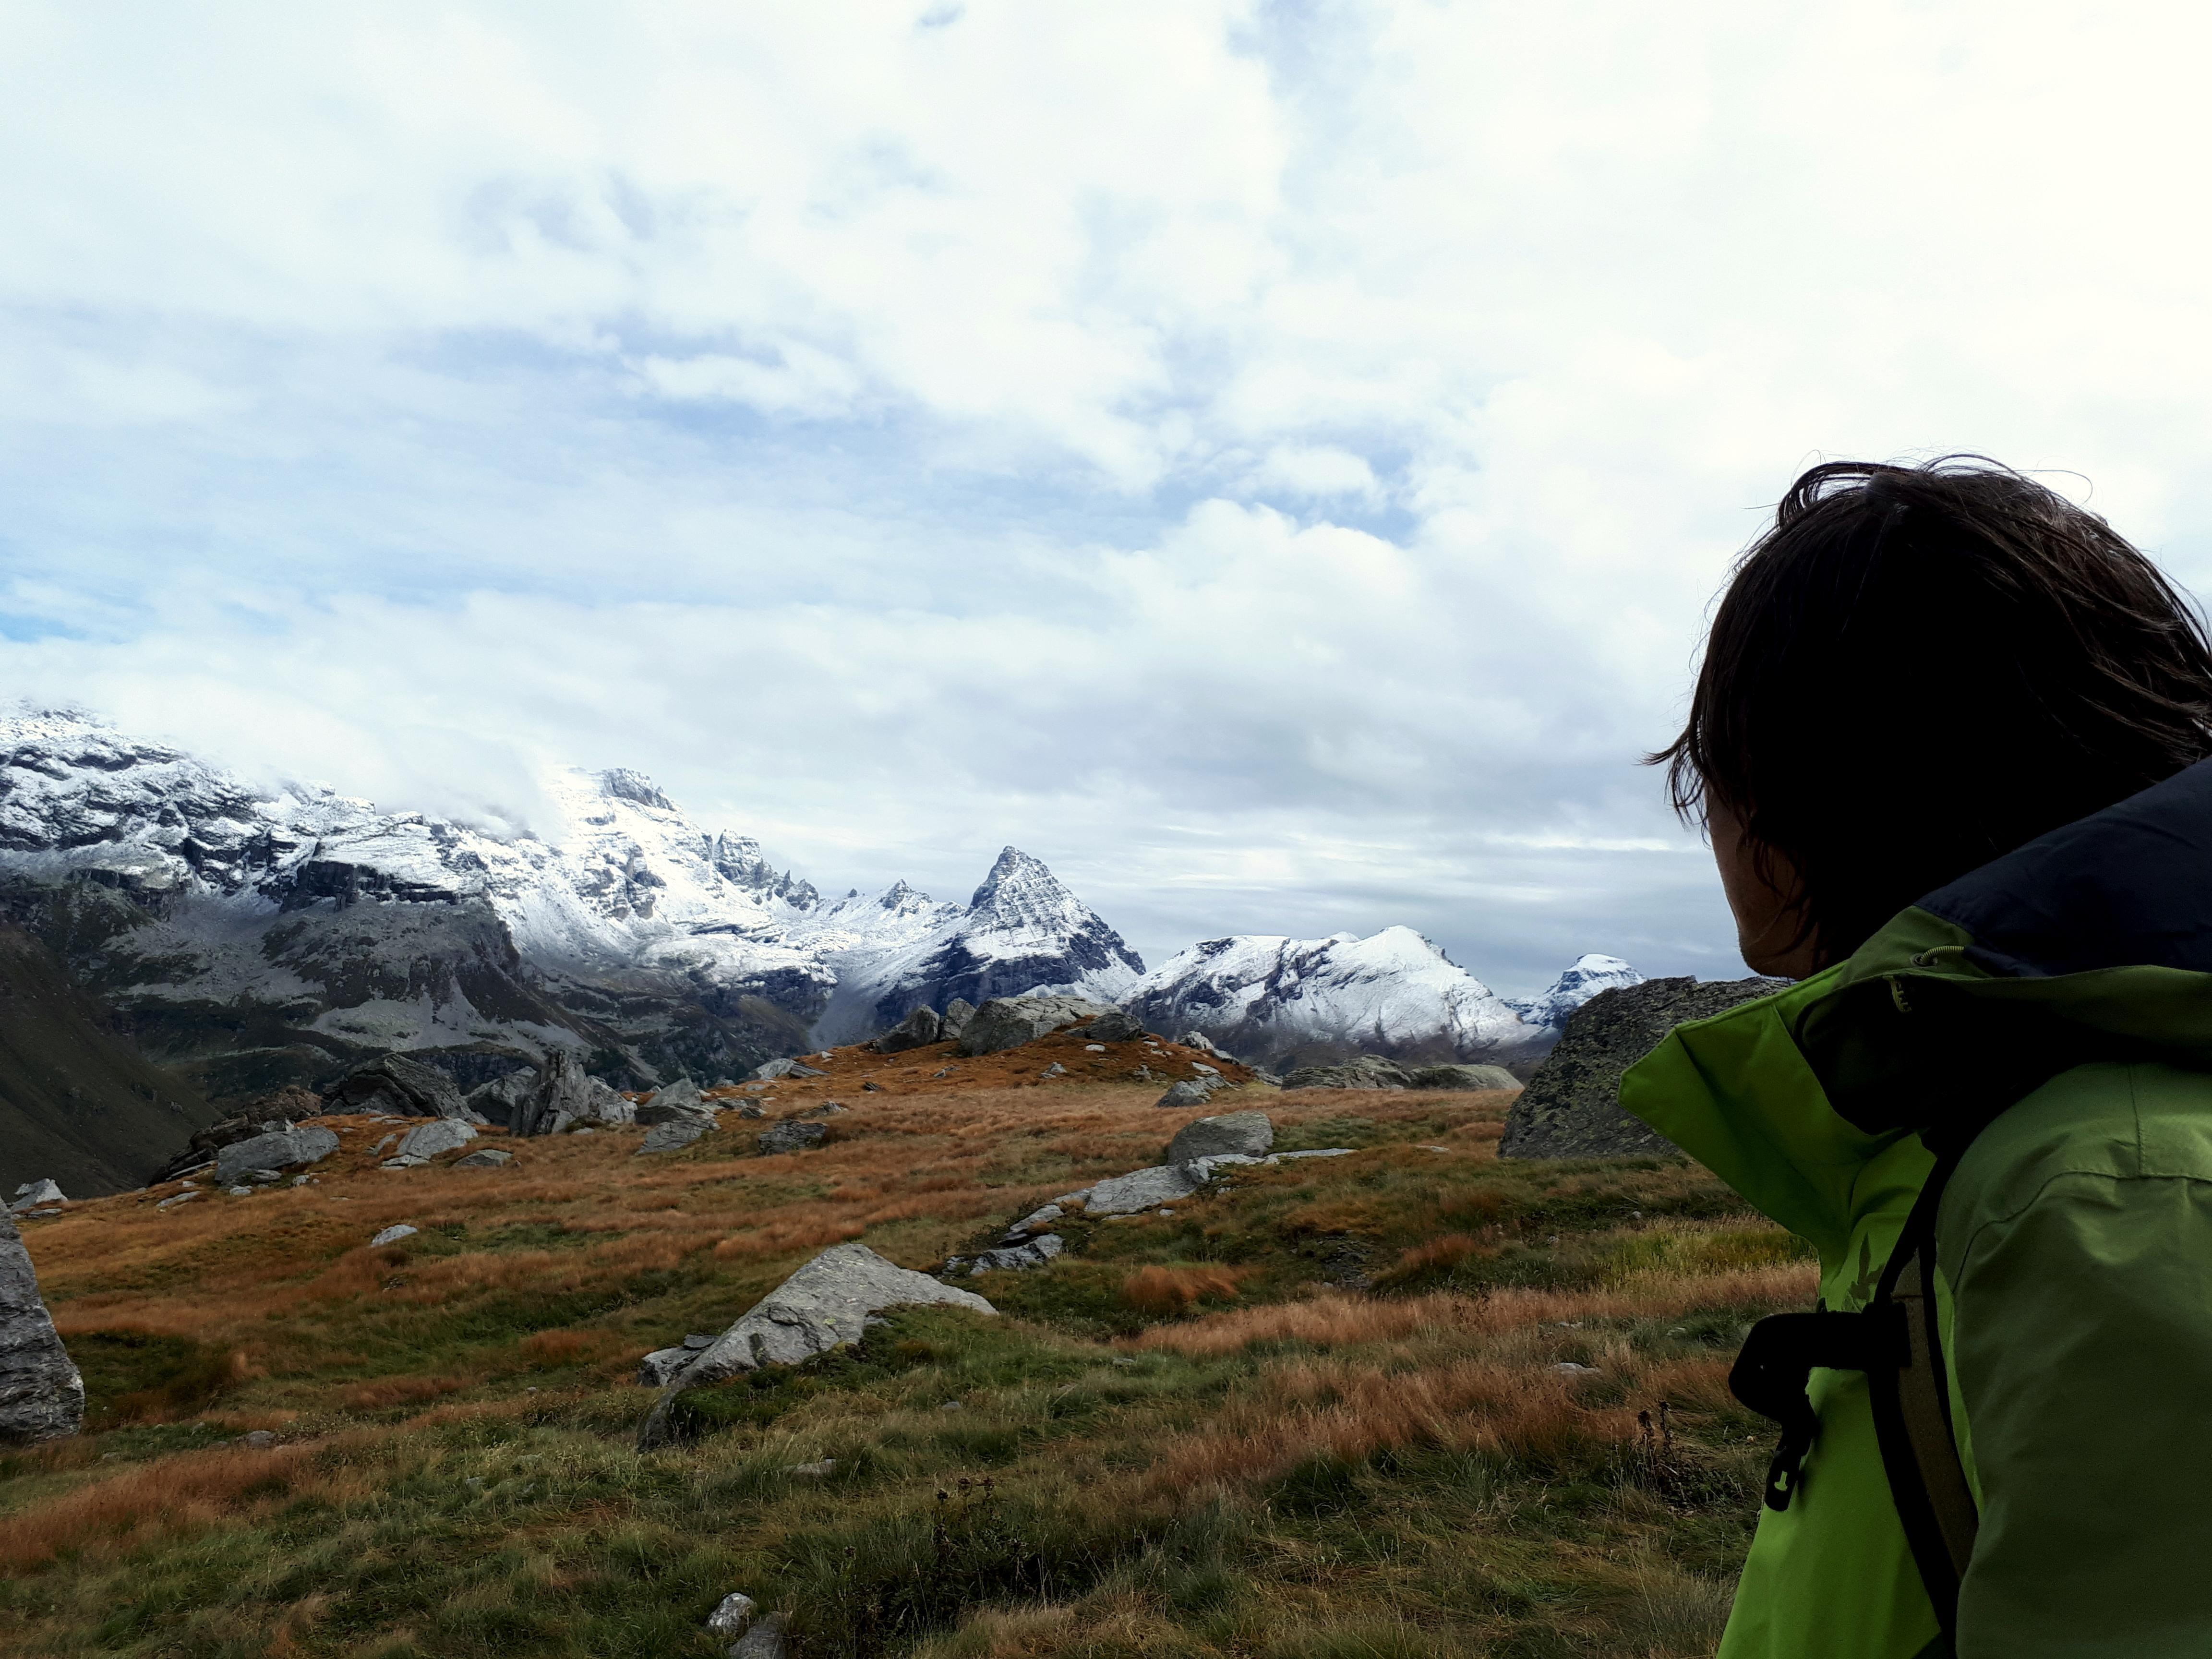 uno sguardo alle cime in direzione dell'Alpe Devero